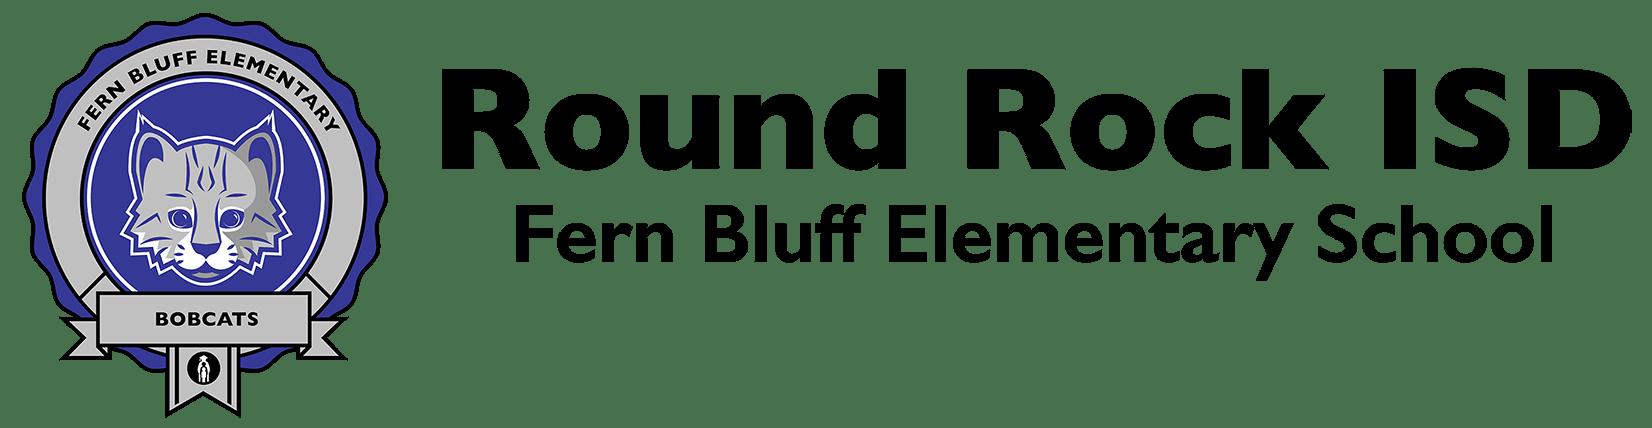 Fern Bluff Elementary School